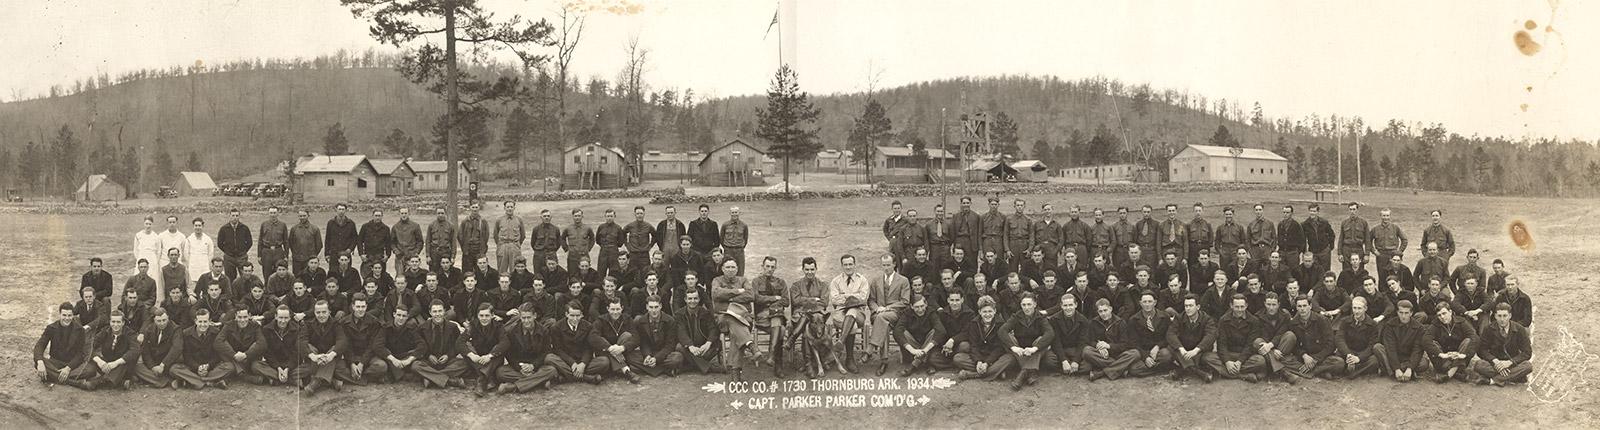 Thornburg CCC